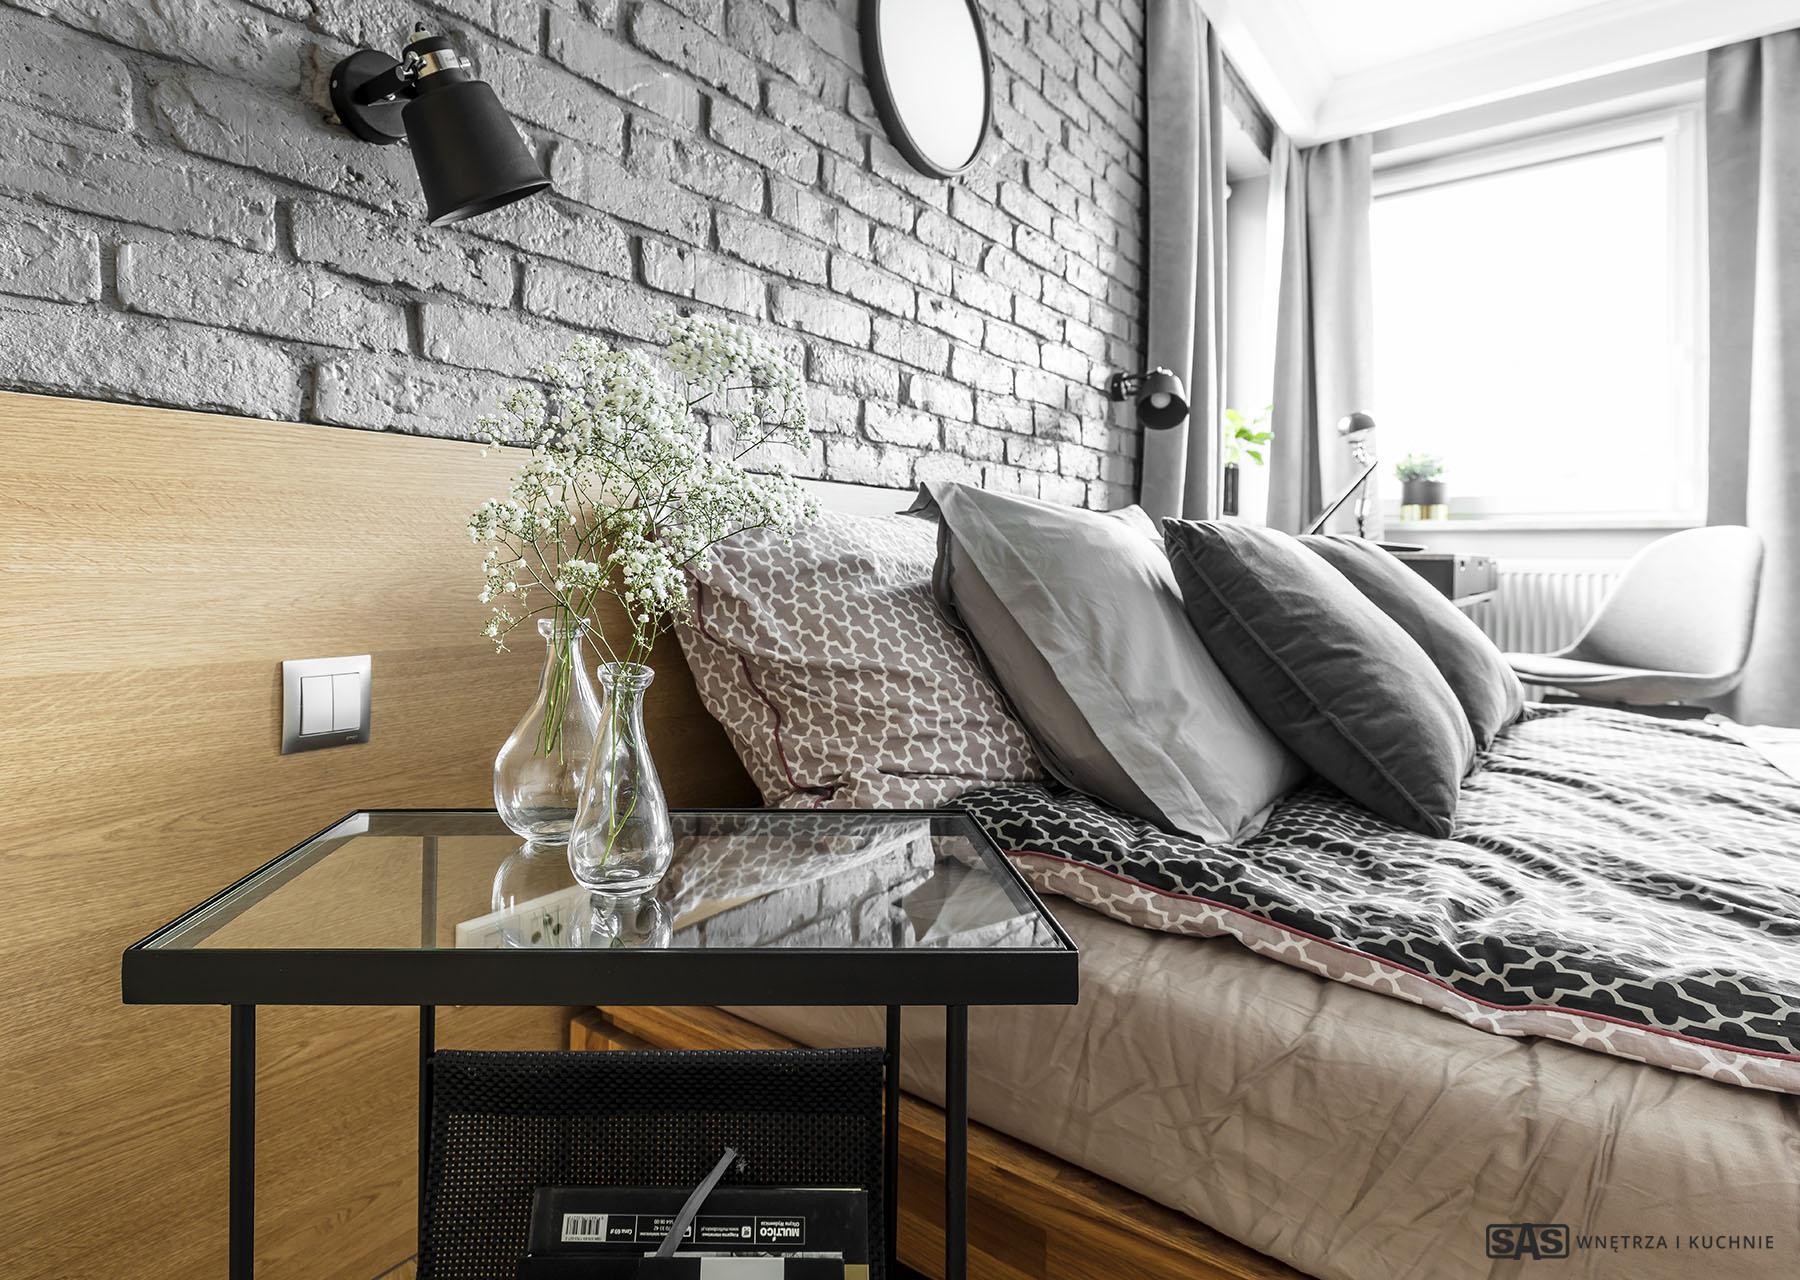 Sypialnia - zagłówek wykonanie SAS Wnętrze i Kuchnie - projekt architekt wnętrz Emilia Strzempek Plasun.